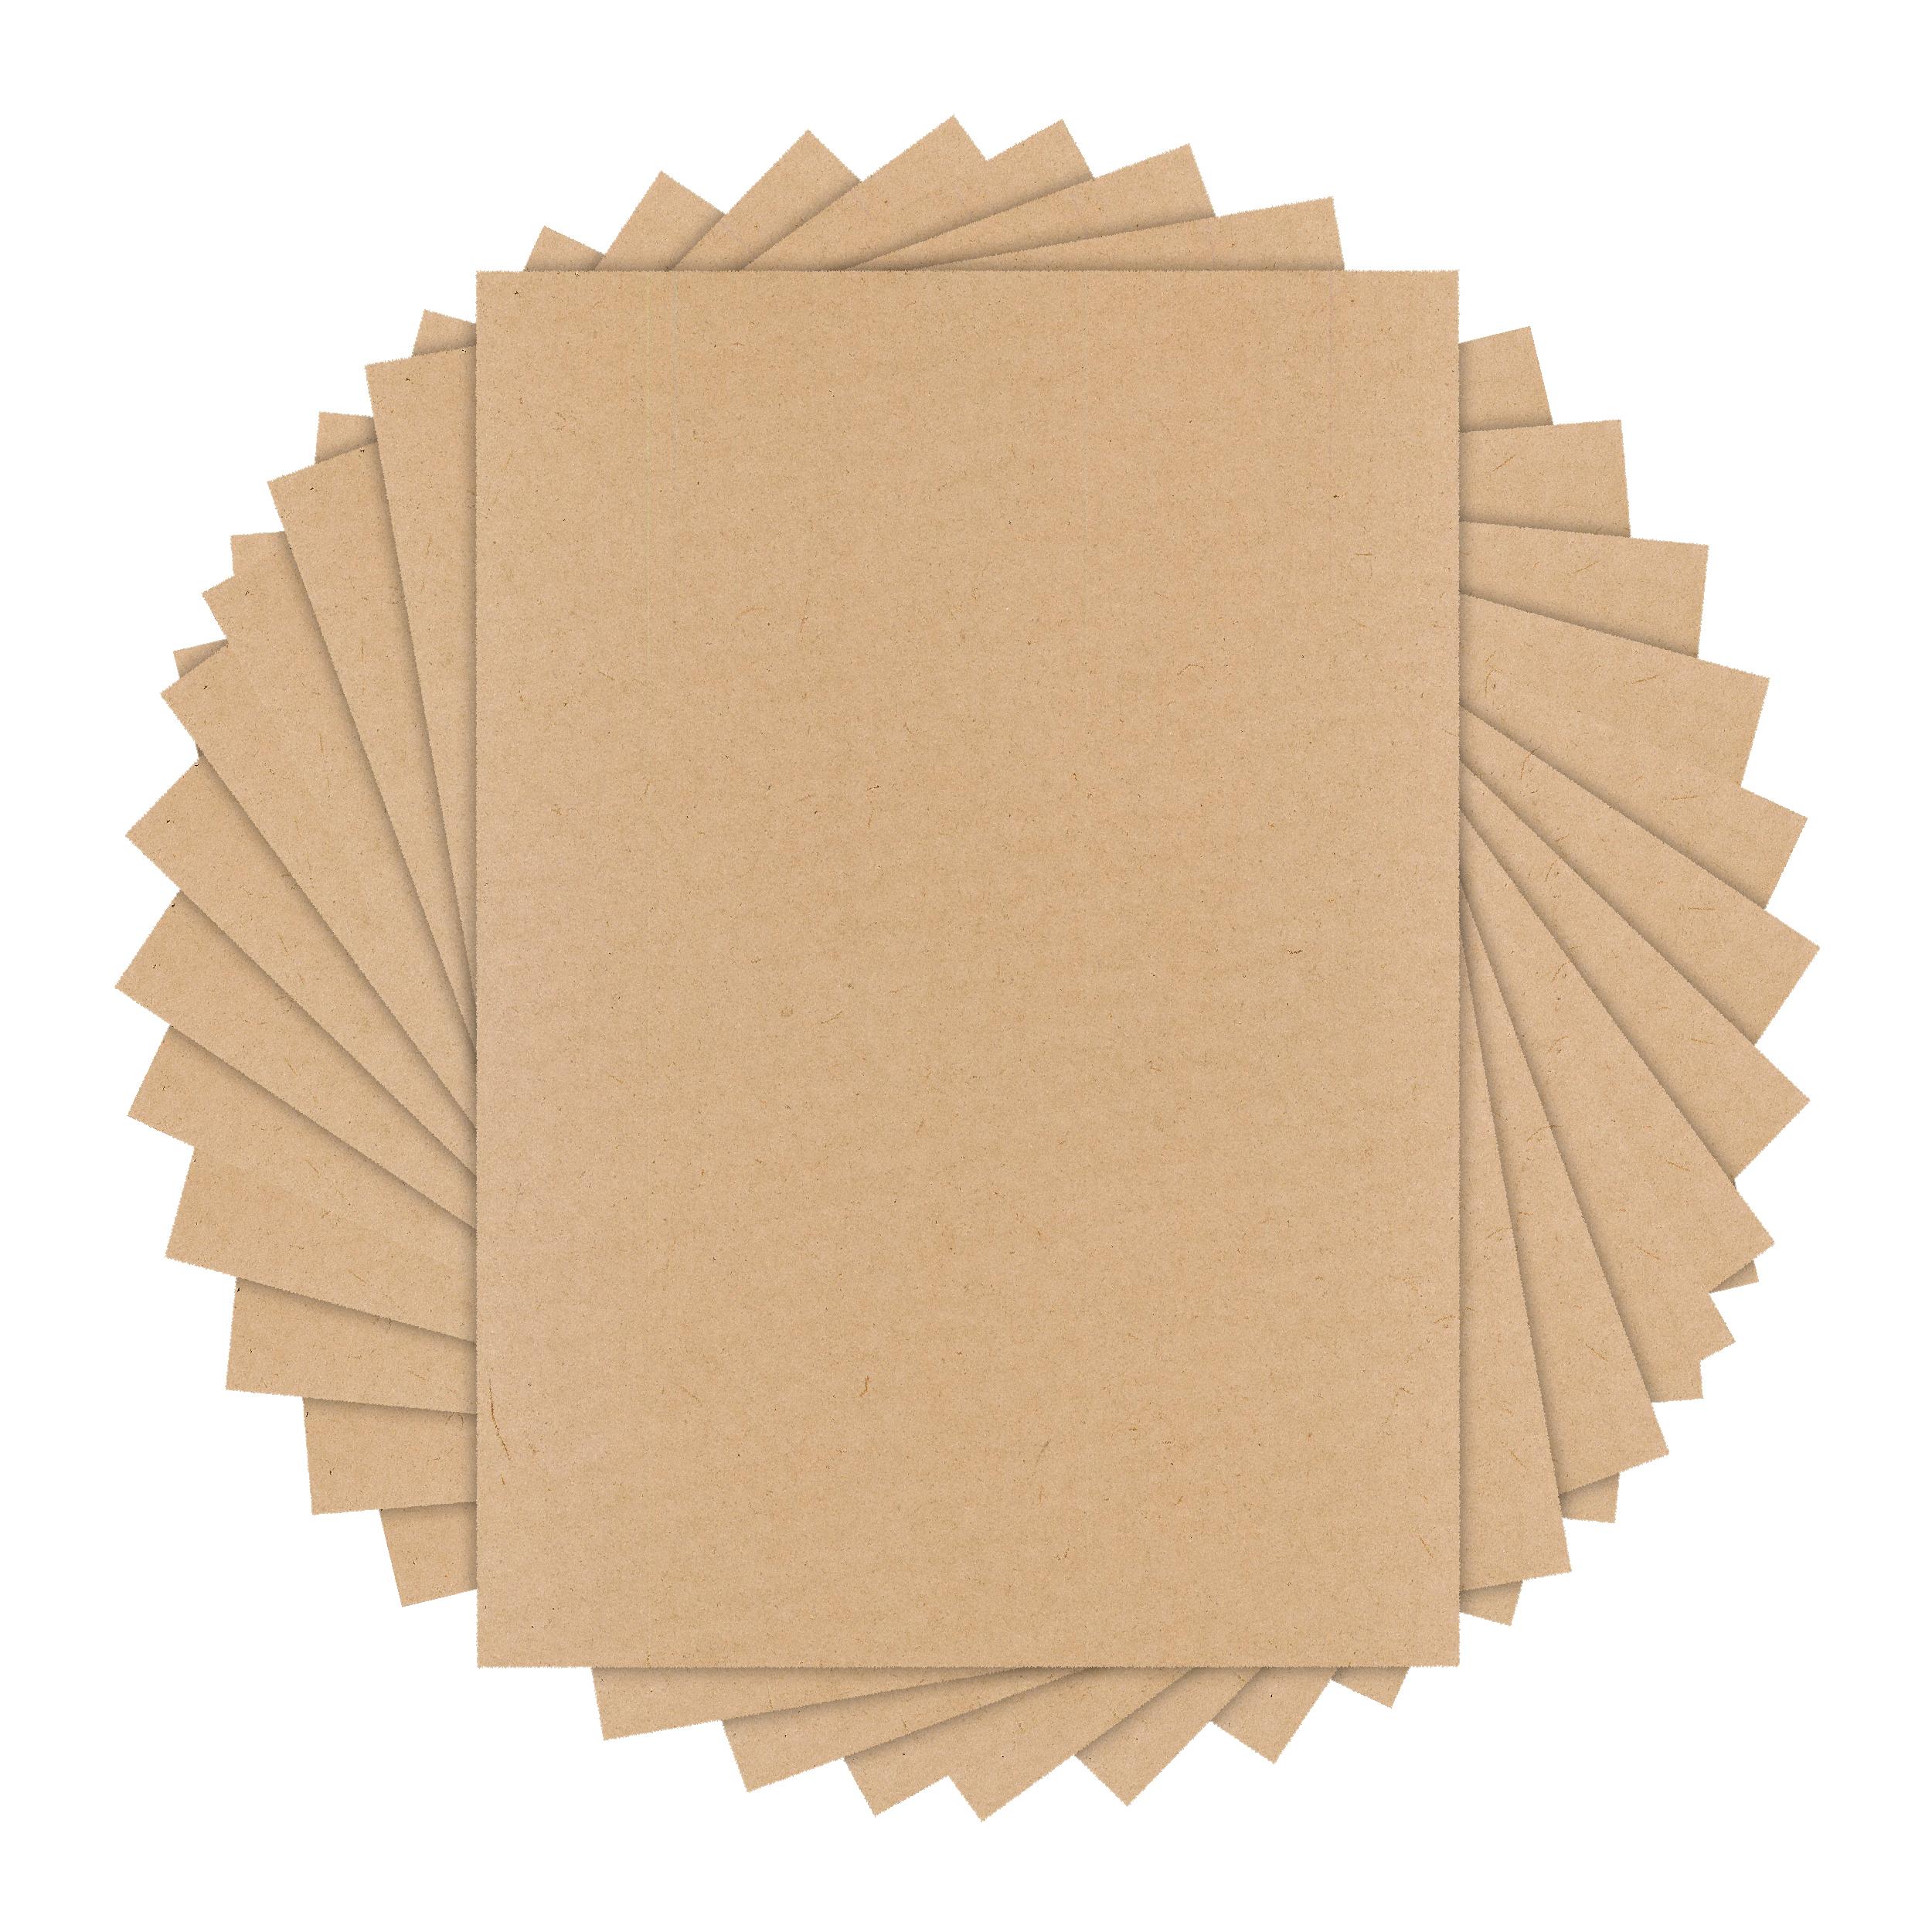 کاغذ کرافت FGکد  1436بسته 50 عددی